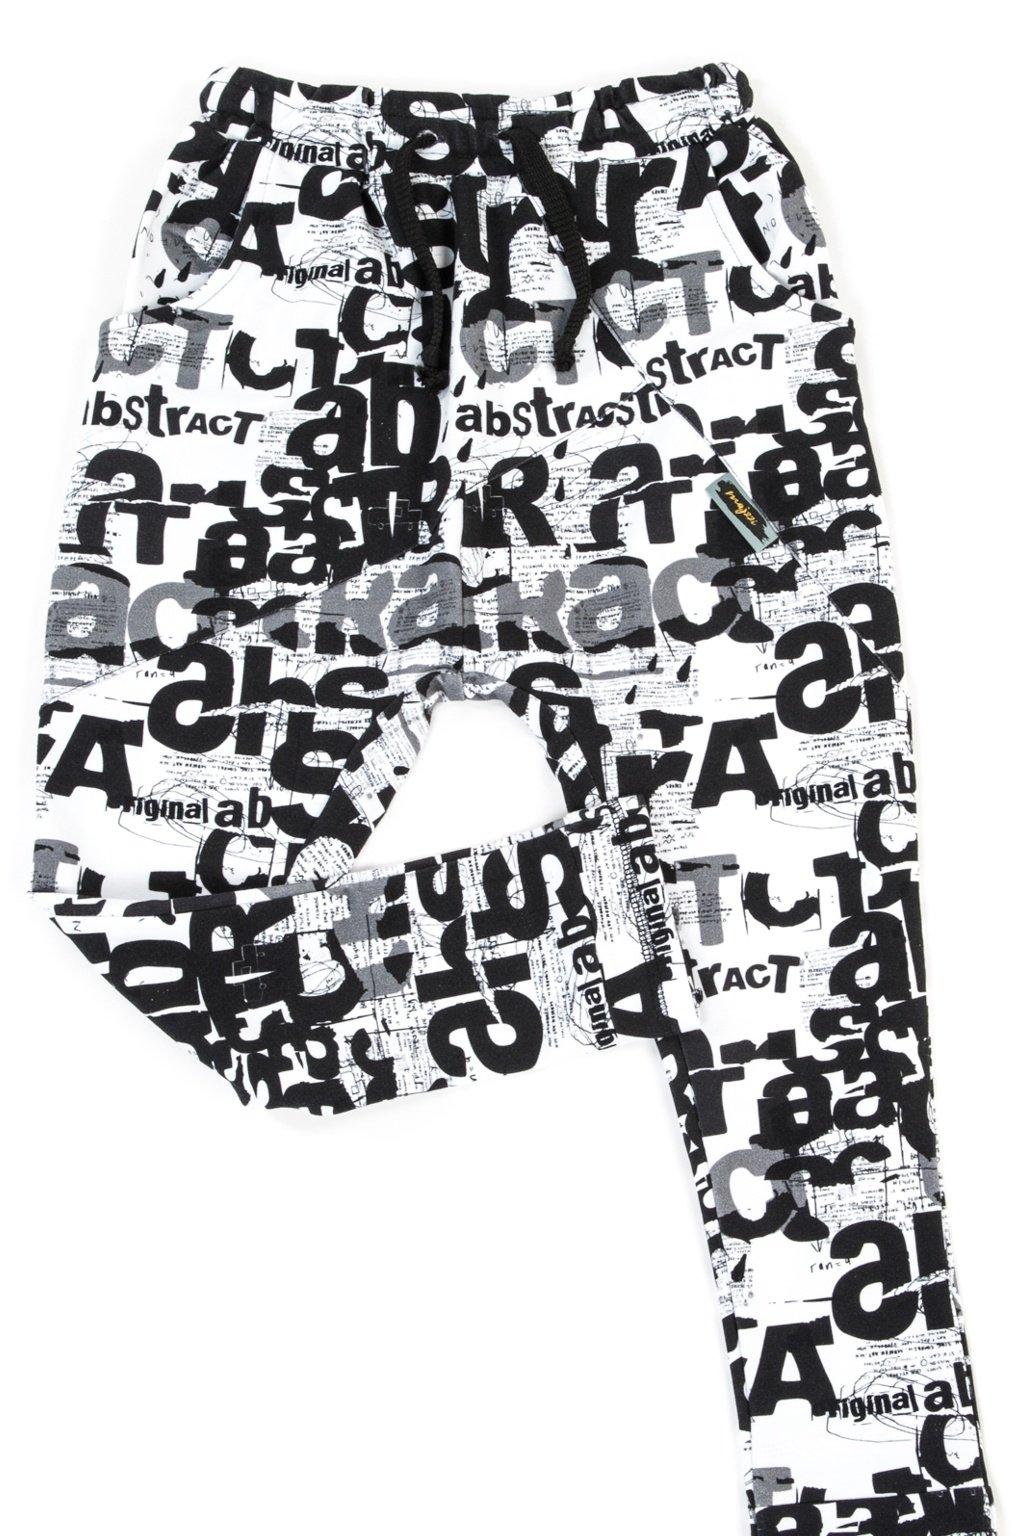 kalhoty abstract